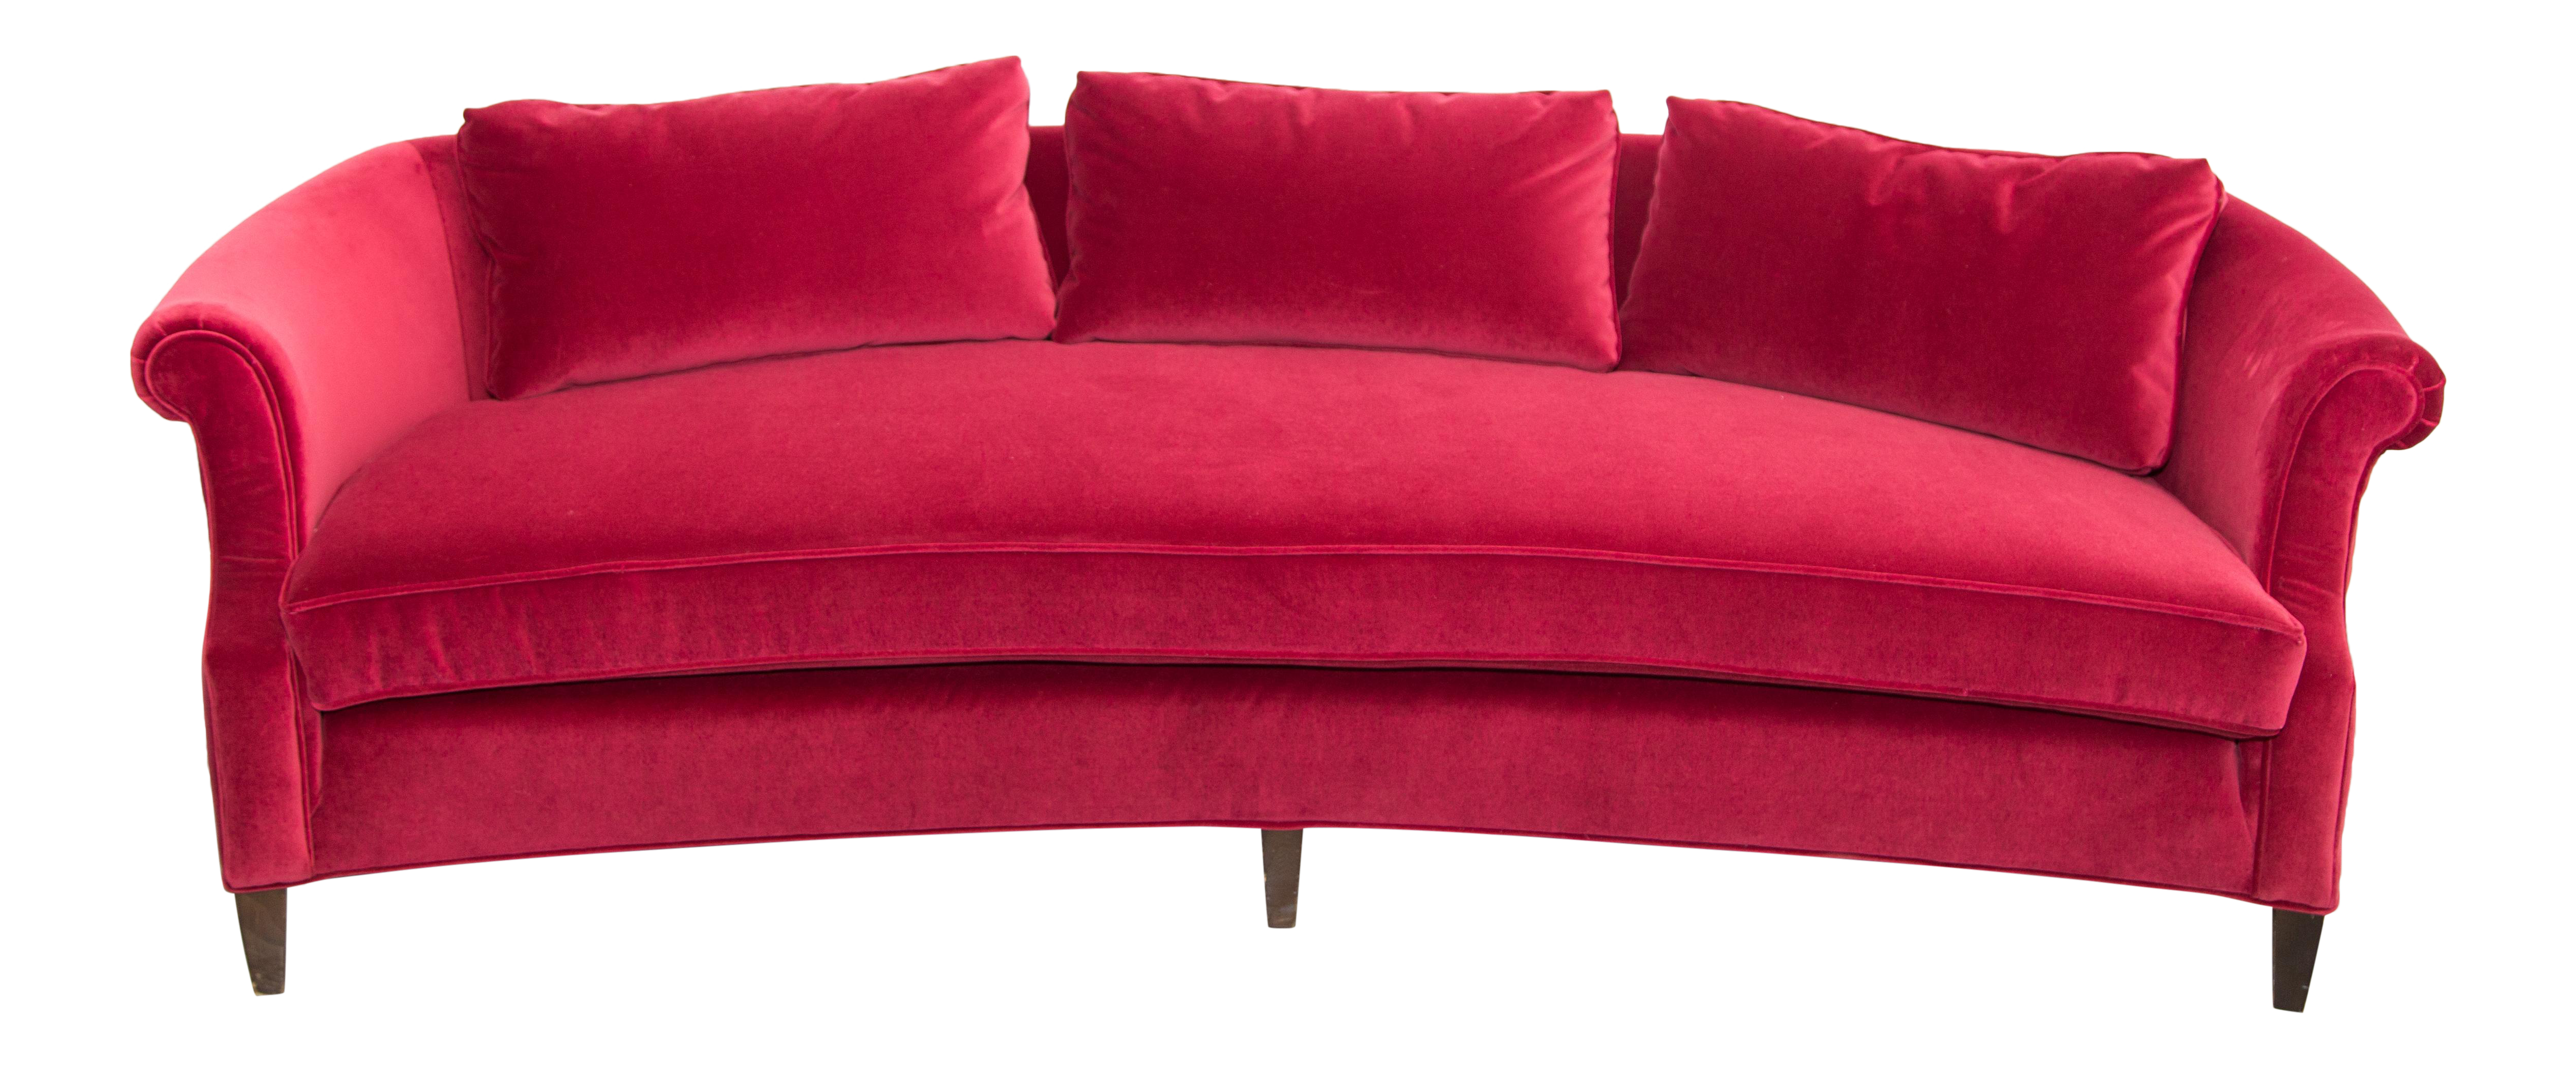 Drexel Heritage Dorothy Draper Sofa In A Luxe Red Velvet